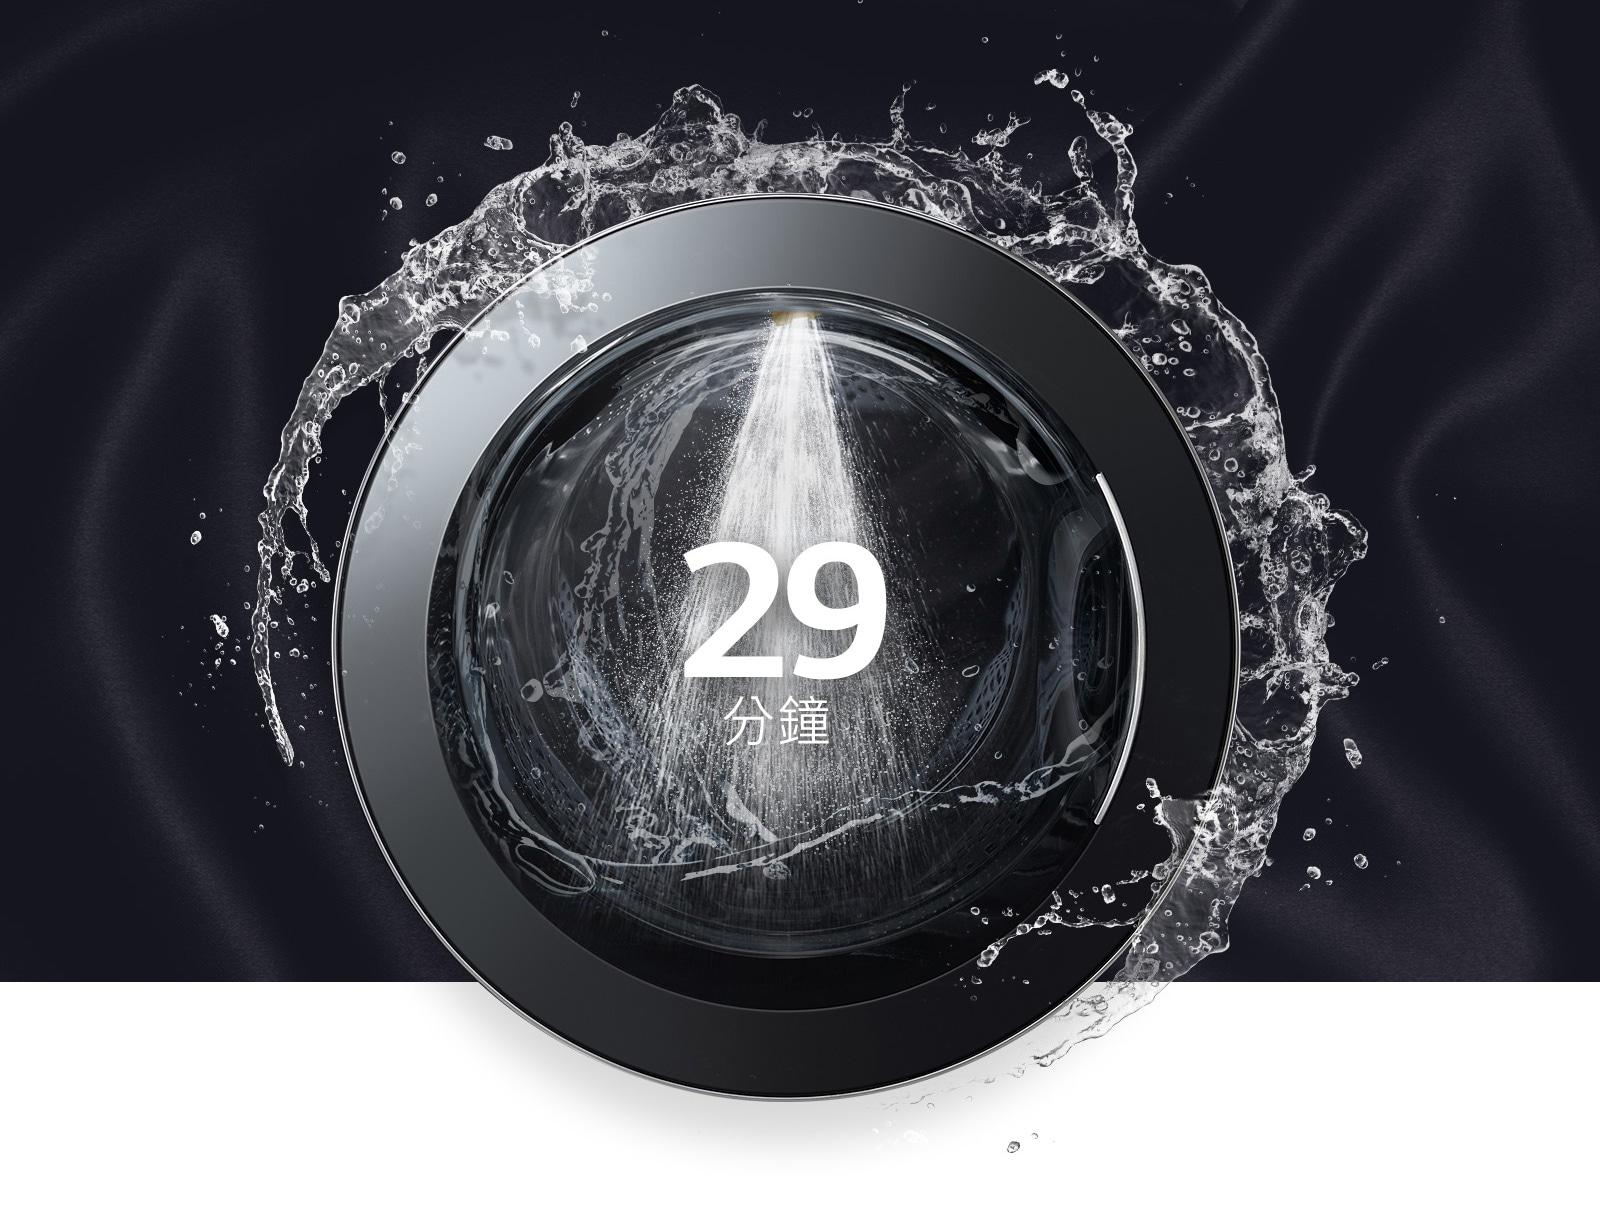 29分鐘內快速洗淨!1